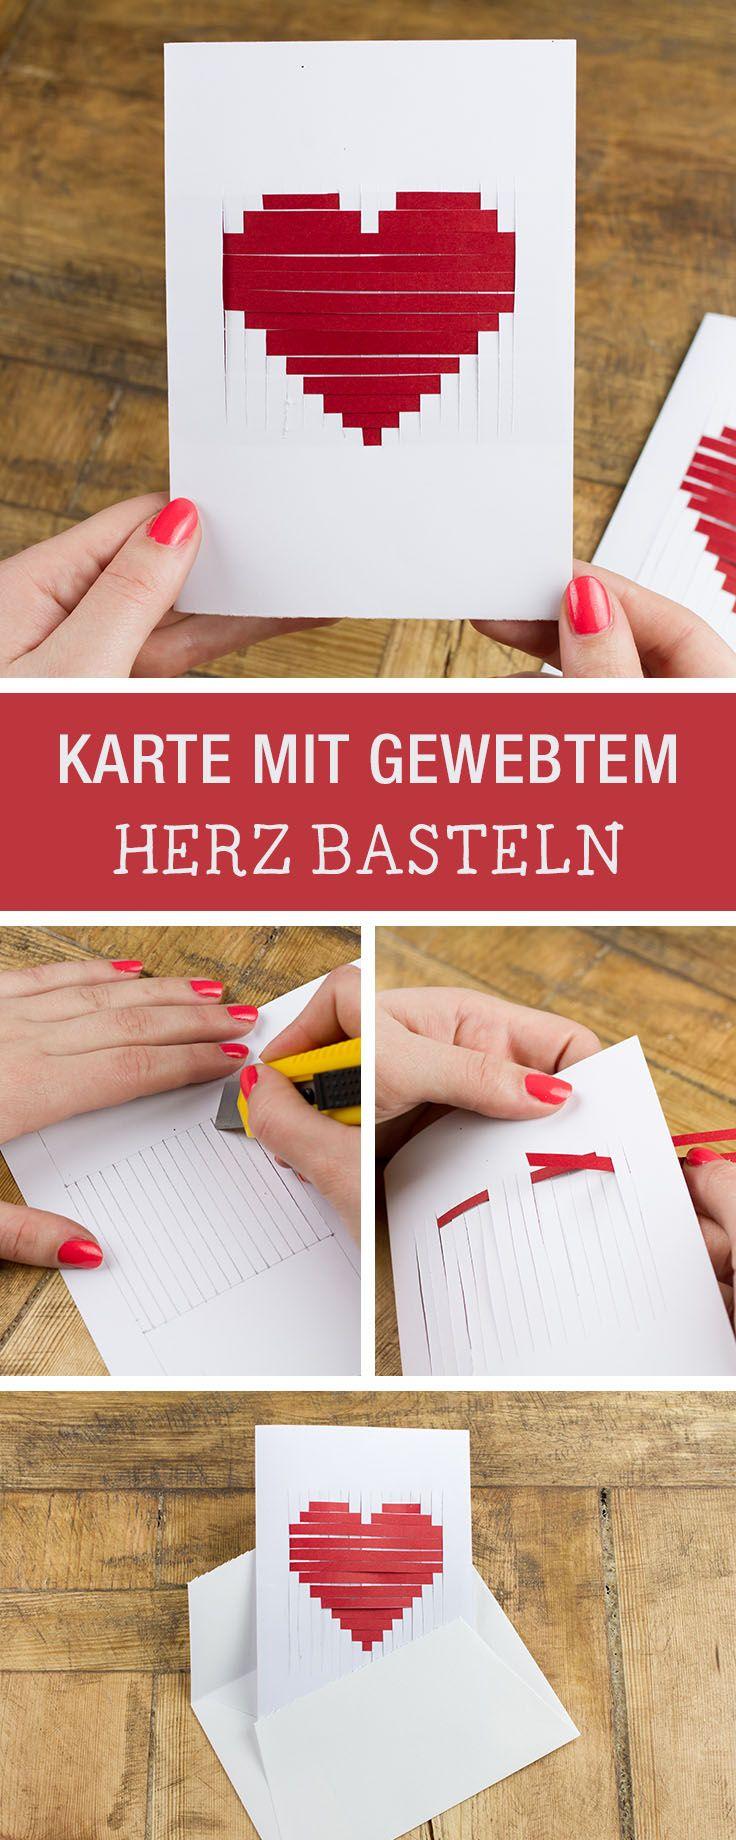 Grußkarte basteln: Gewebtes Herz aus Papier als Valentinstagsgeschenk / diy greeting cards for valentine's day via DaWanda.com